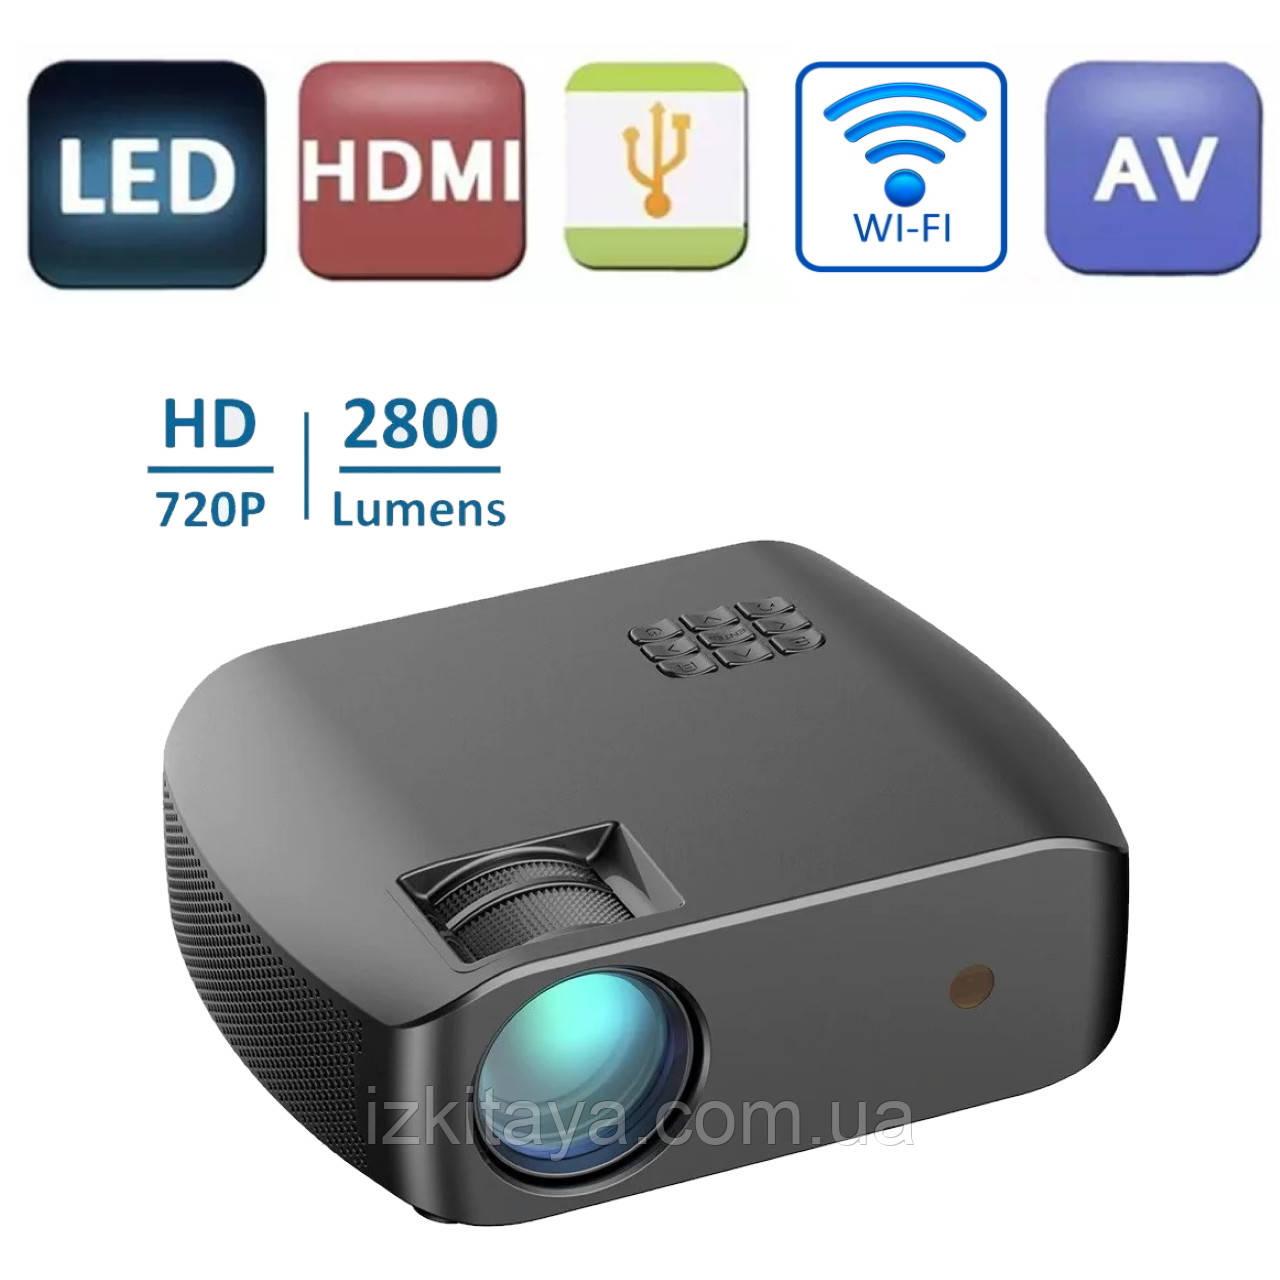 Проектор мультимедийный F10 WIFI (портативный лед проектор для дома и офиса с вай фай)